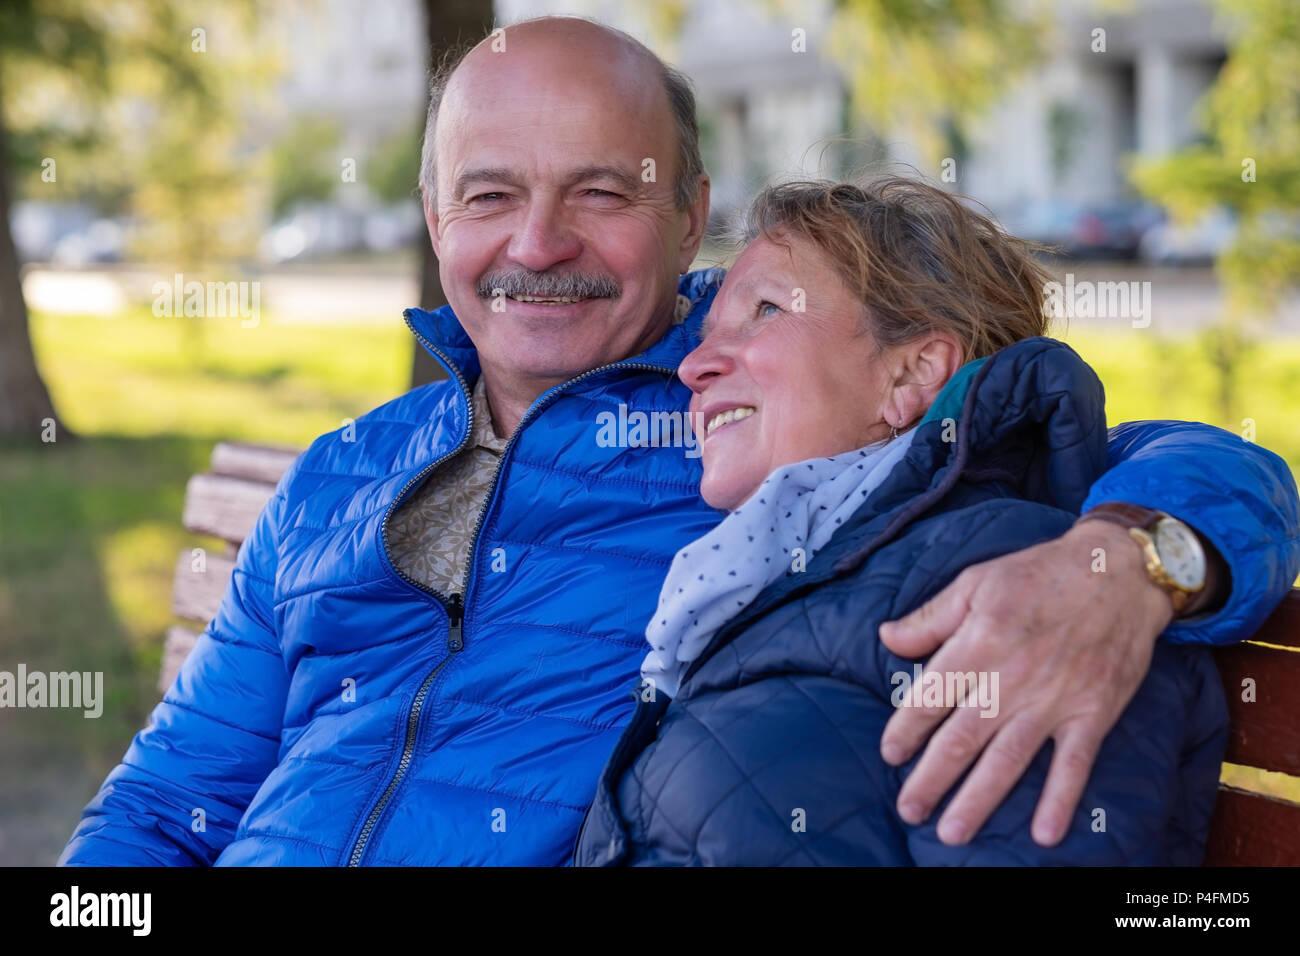 Européen mature couple walking on street au beau temps au printemps. Spanding amoureux du temps ensemble. Photo Stock